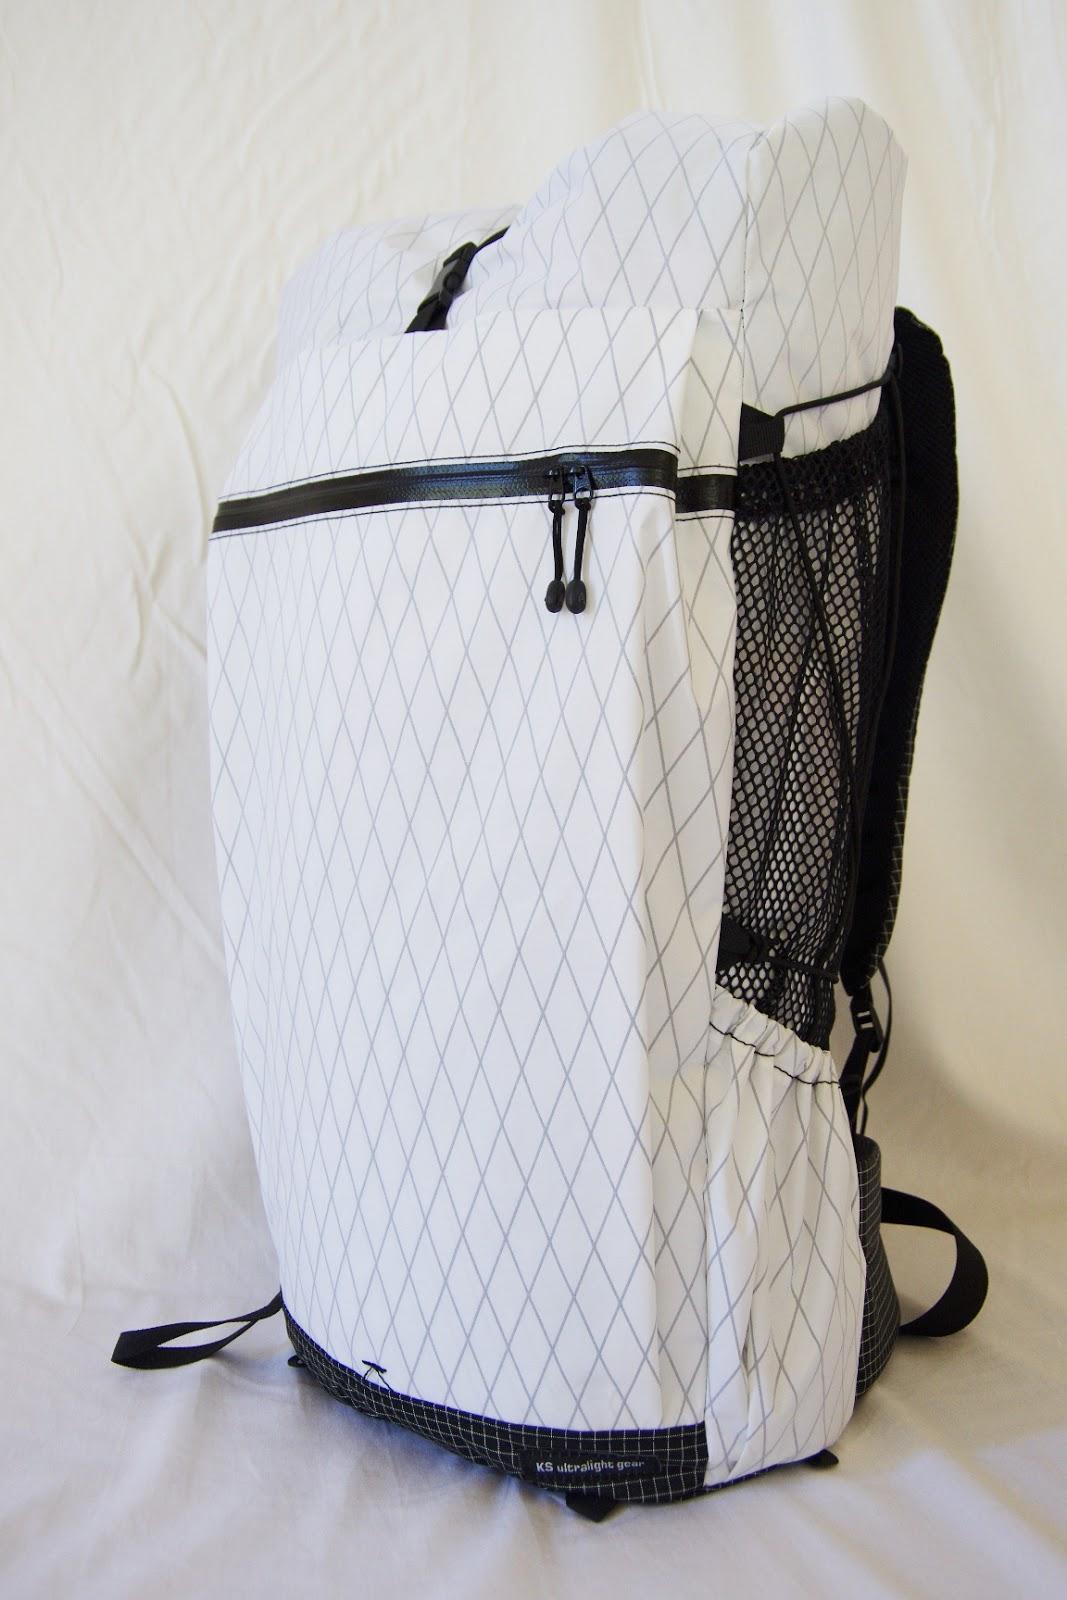 IMGP4764 - Cordura Fabric